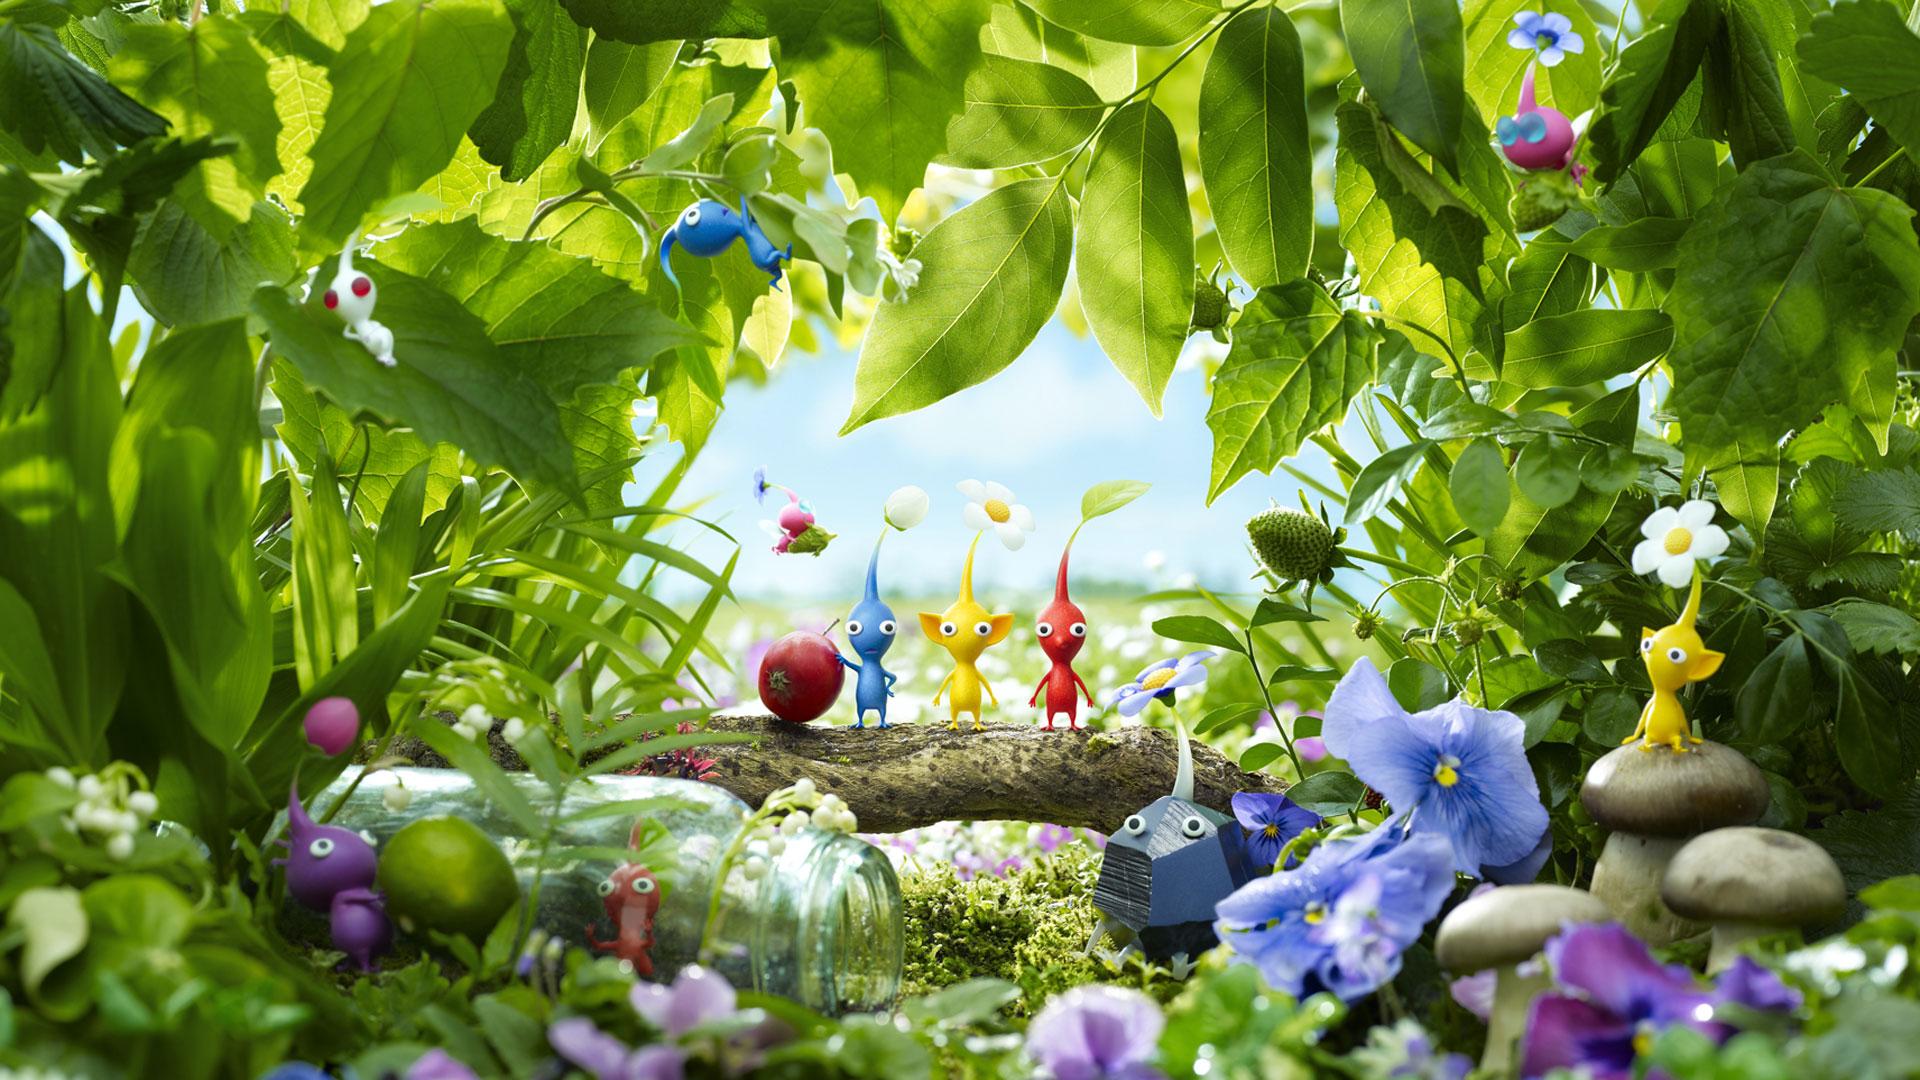 Die Pflanzenwesen Pikmin stehen im Wald. Ein Screenshot aus dem Spiel Pikmin 3 Deluxe.